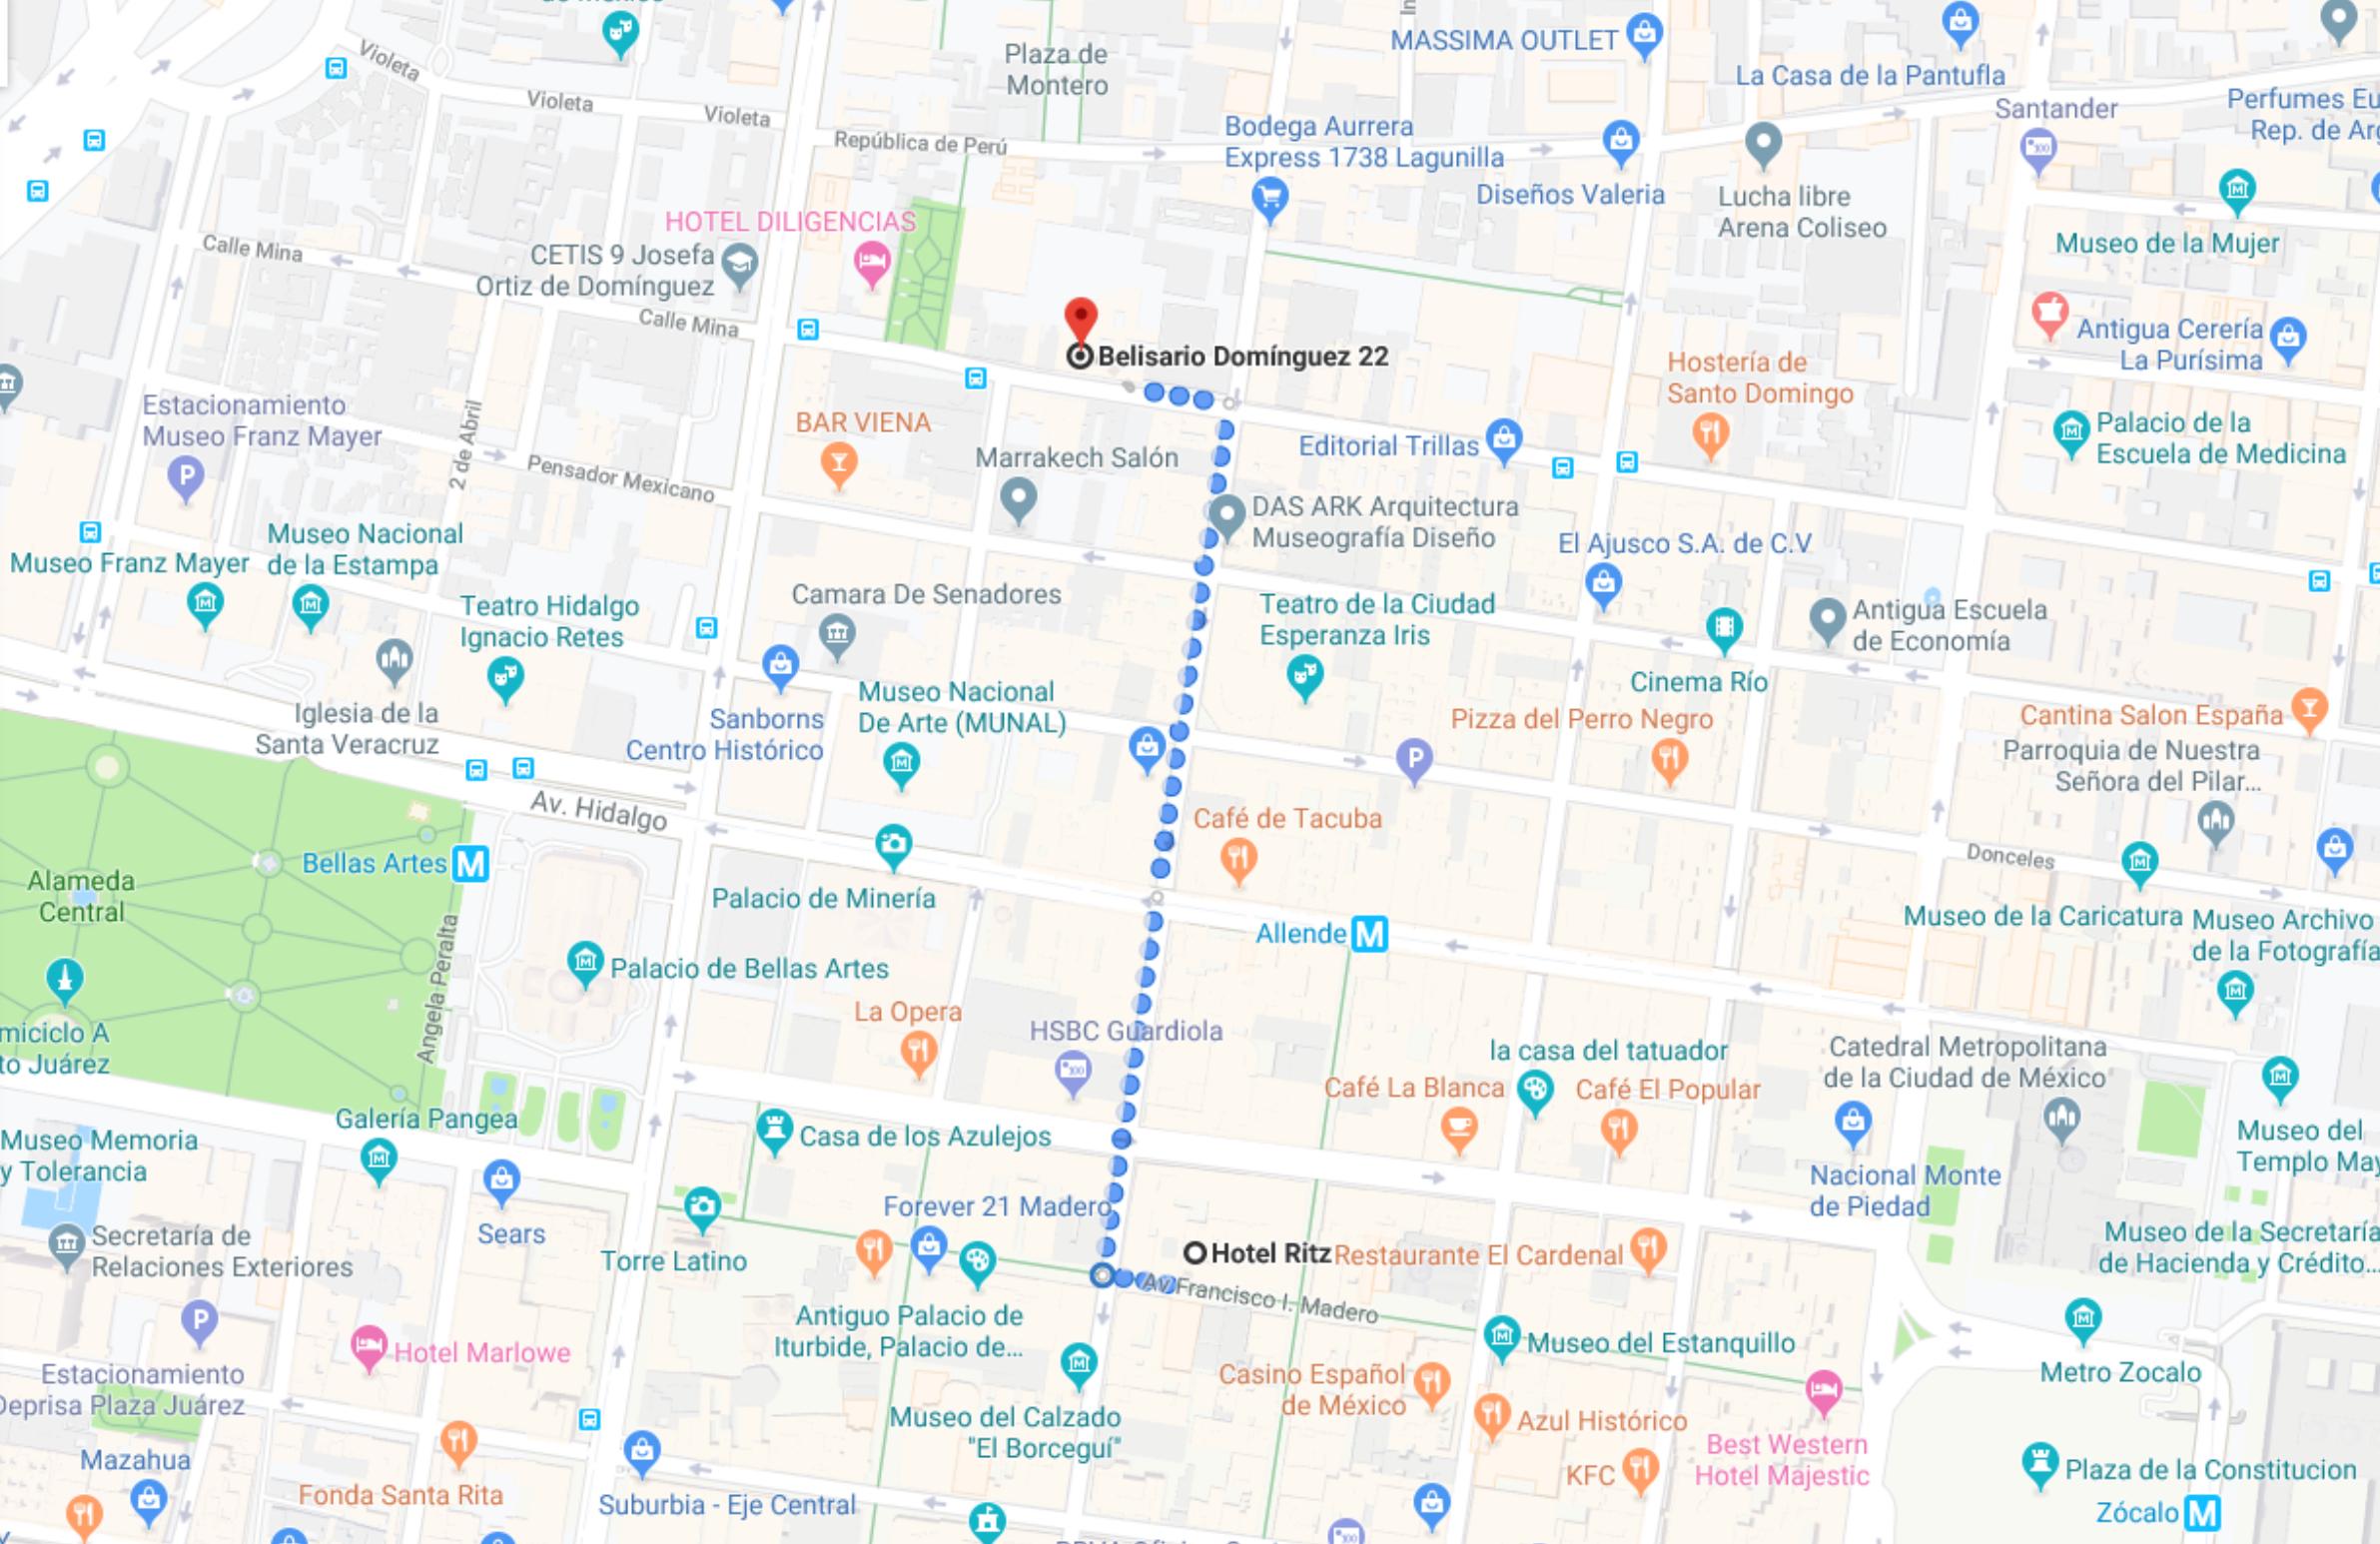 https://goo.gl/maps/EikA675FeVgNVM2V6